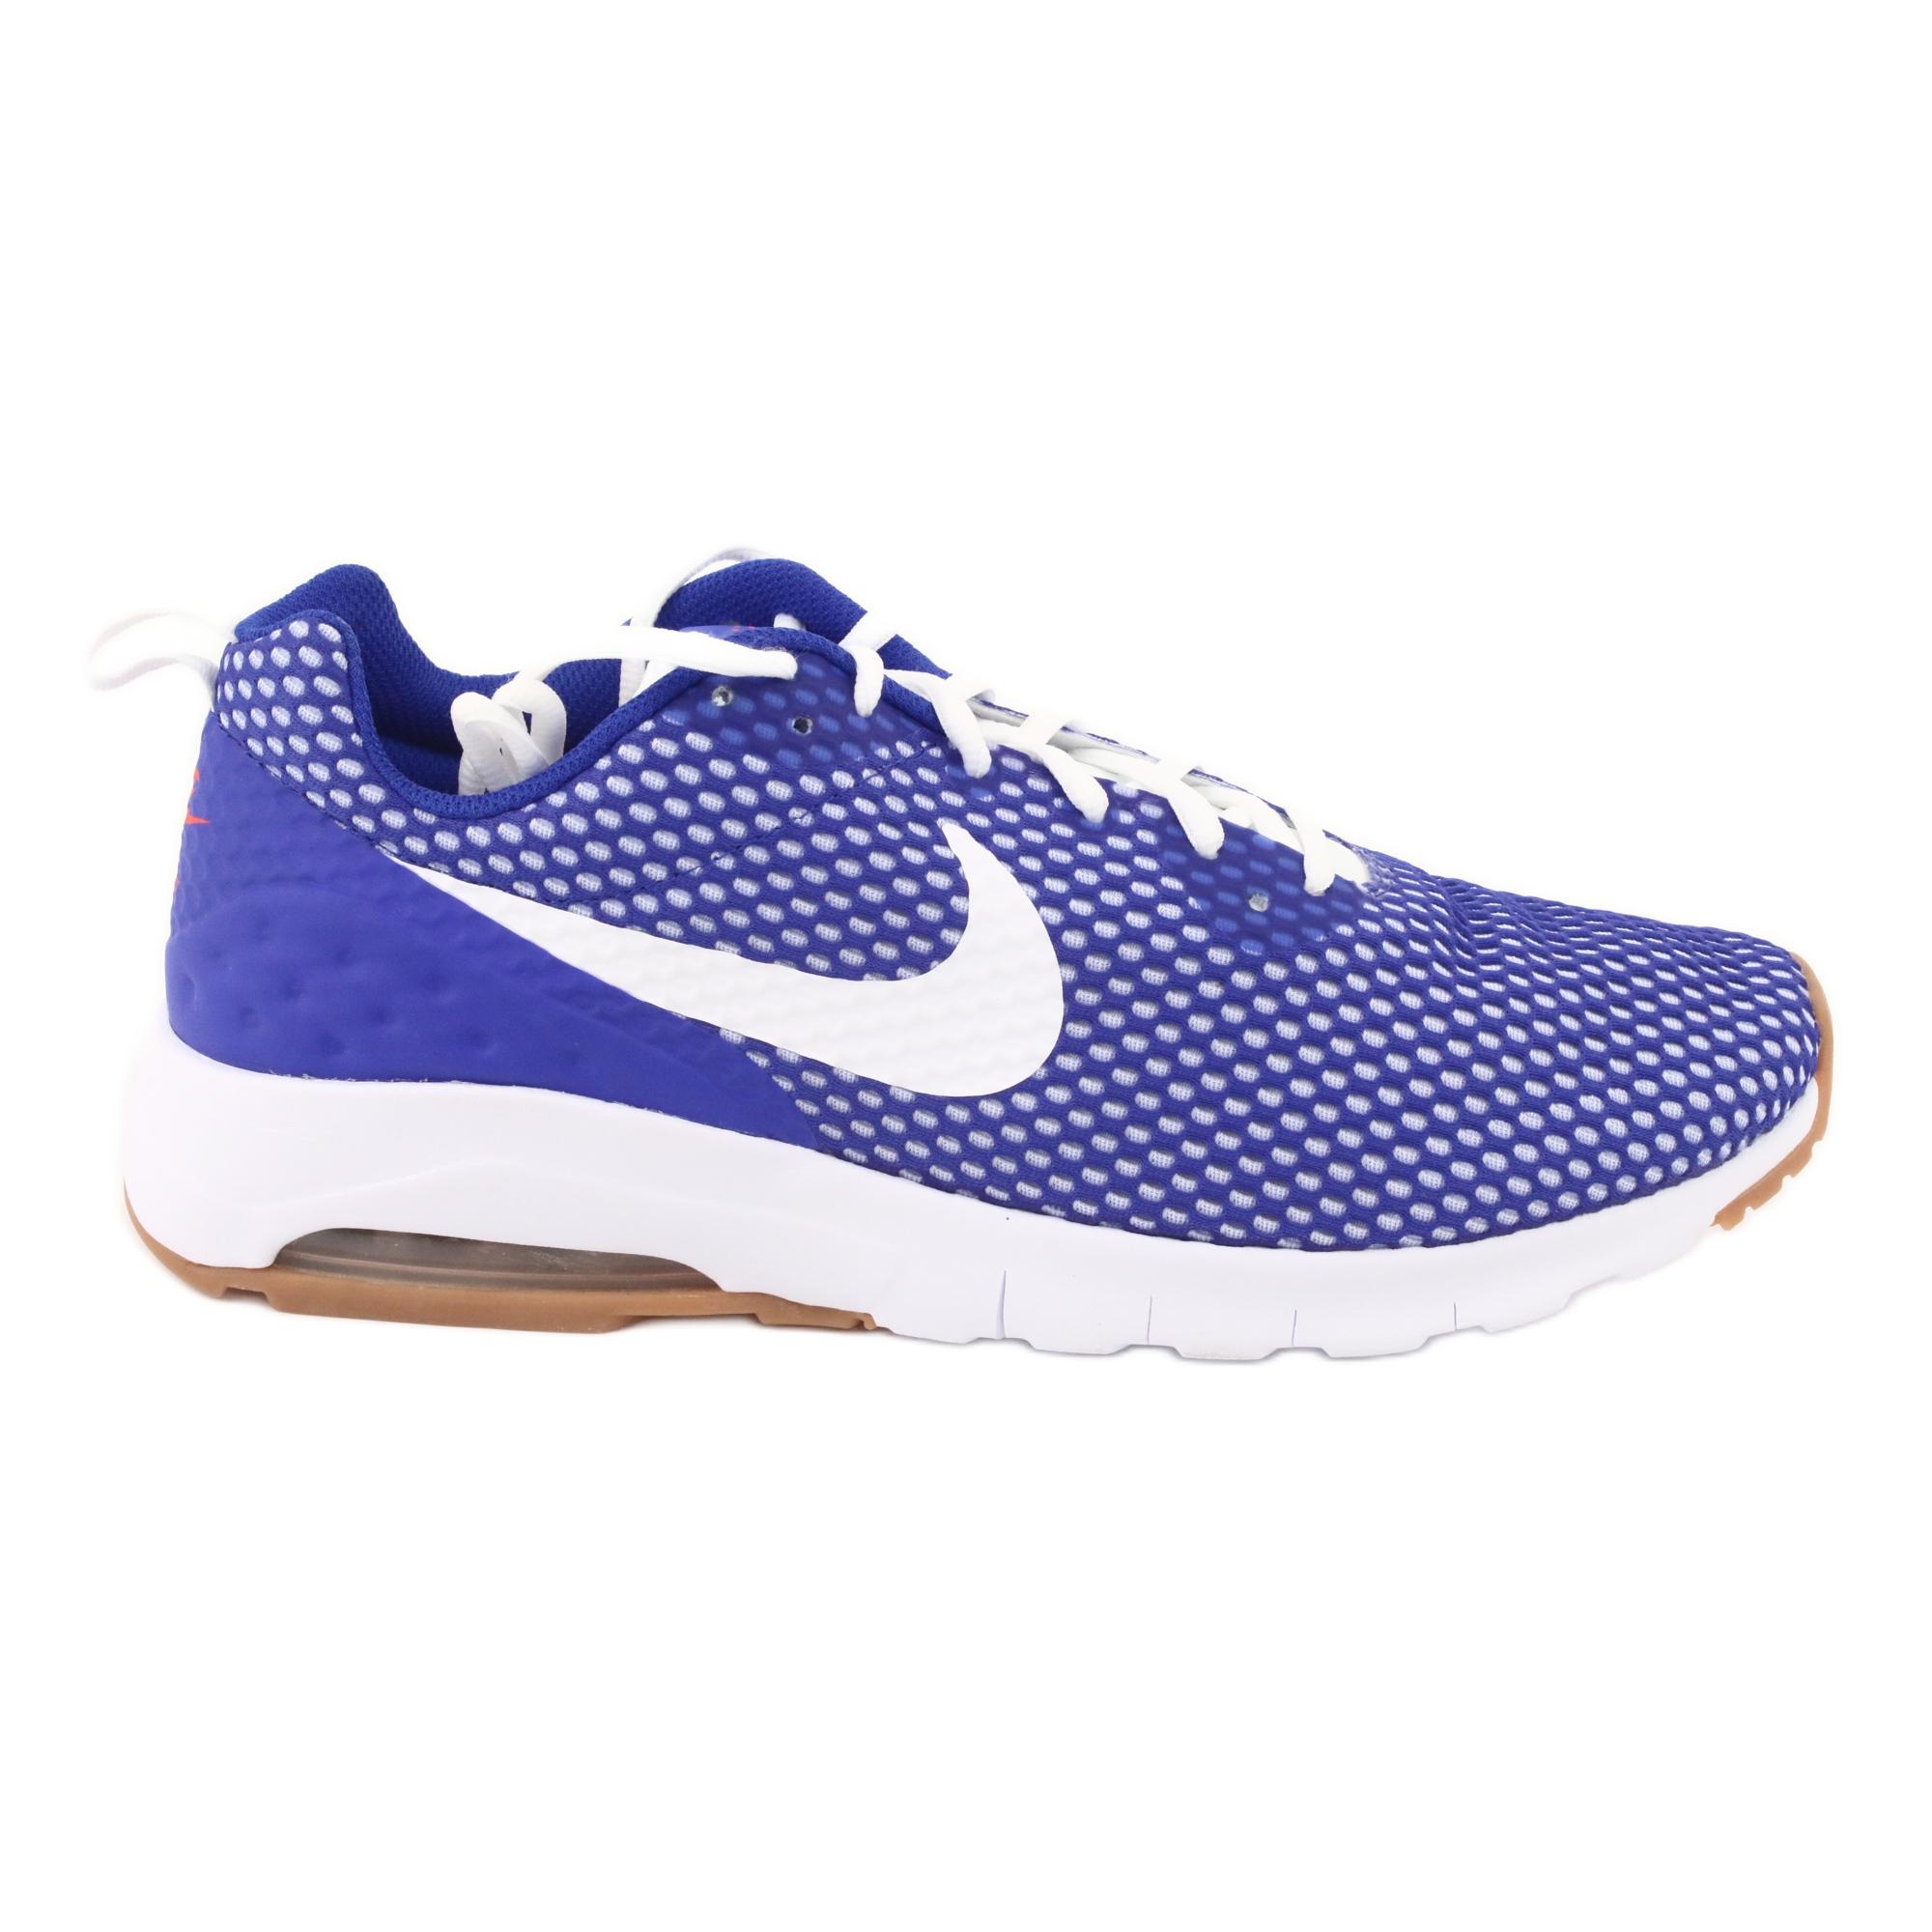 Nike Air Max Motion Lw M 844836 403